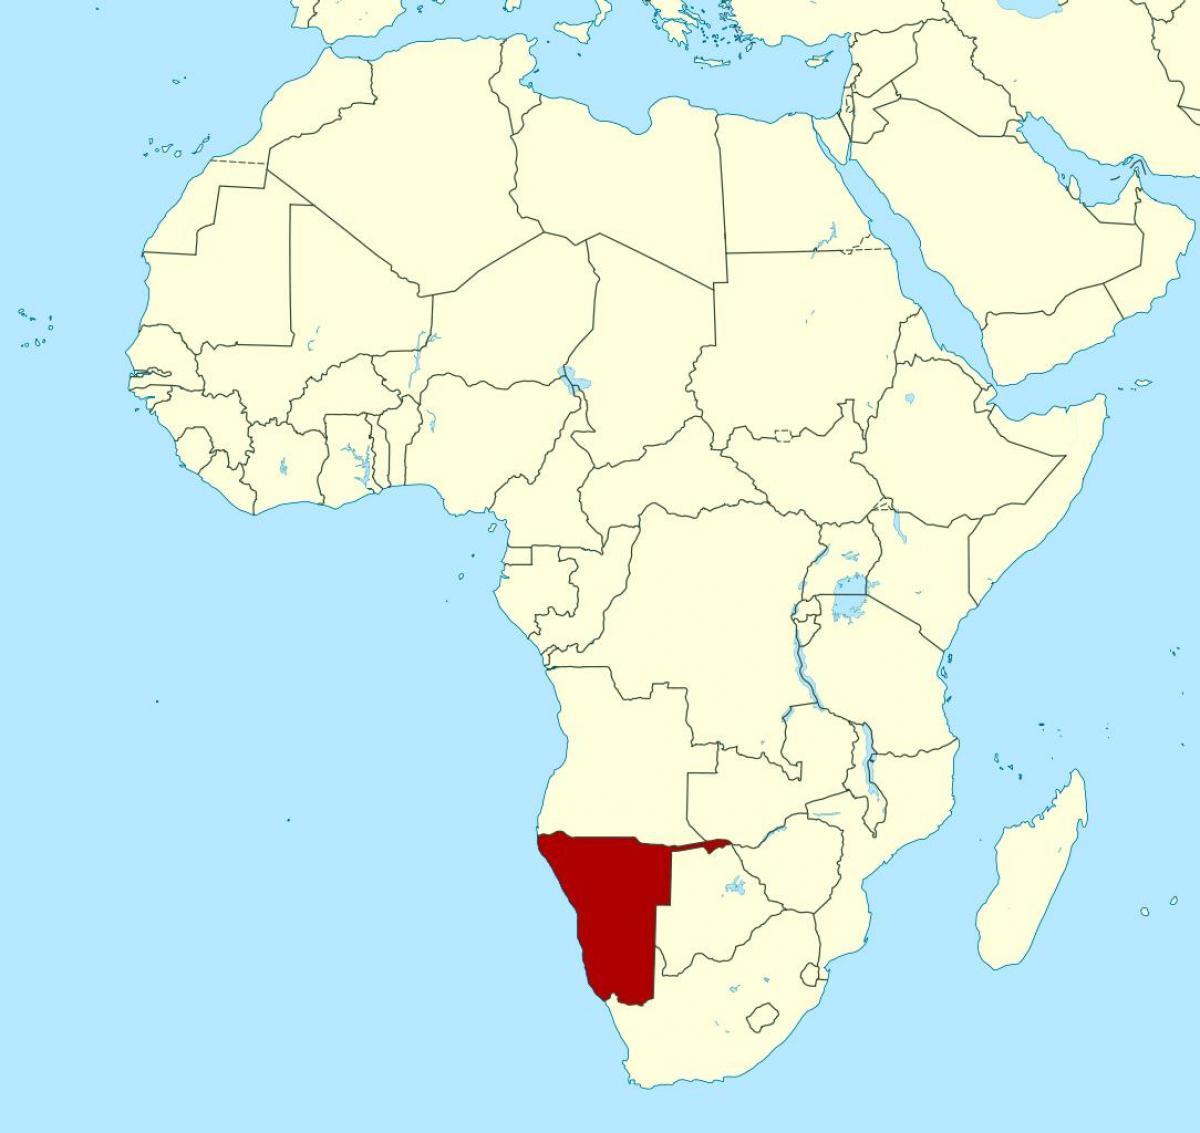 la-namibie-carte-de-afrique